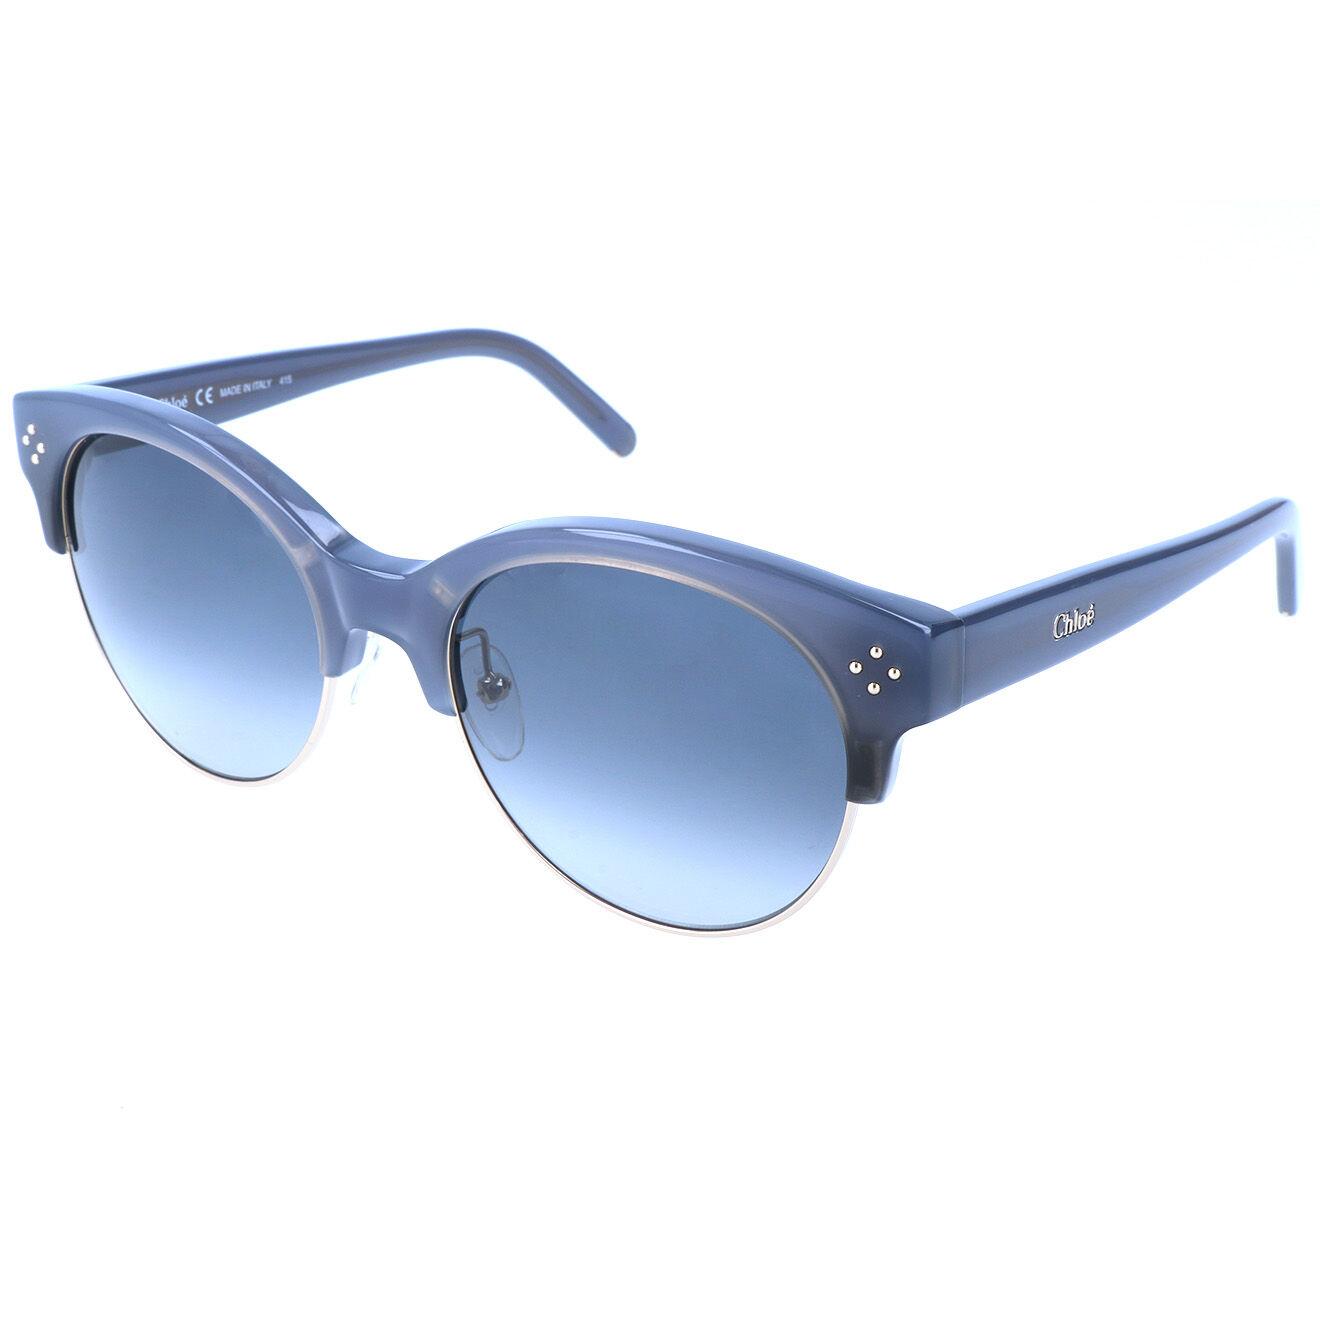 Chloé-femme-lunettes de soleil femme bleues-t.u